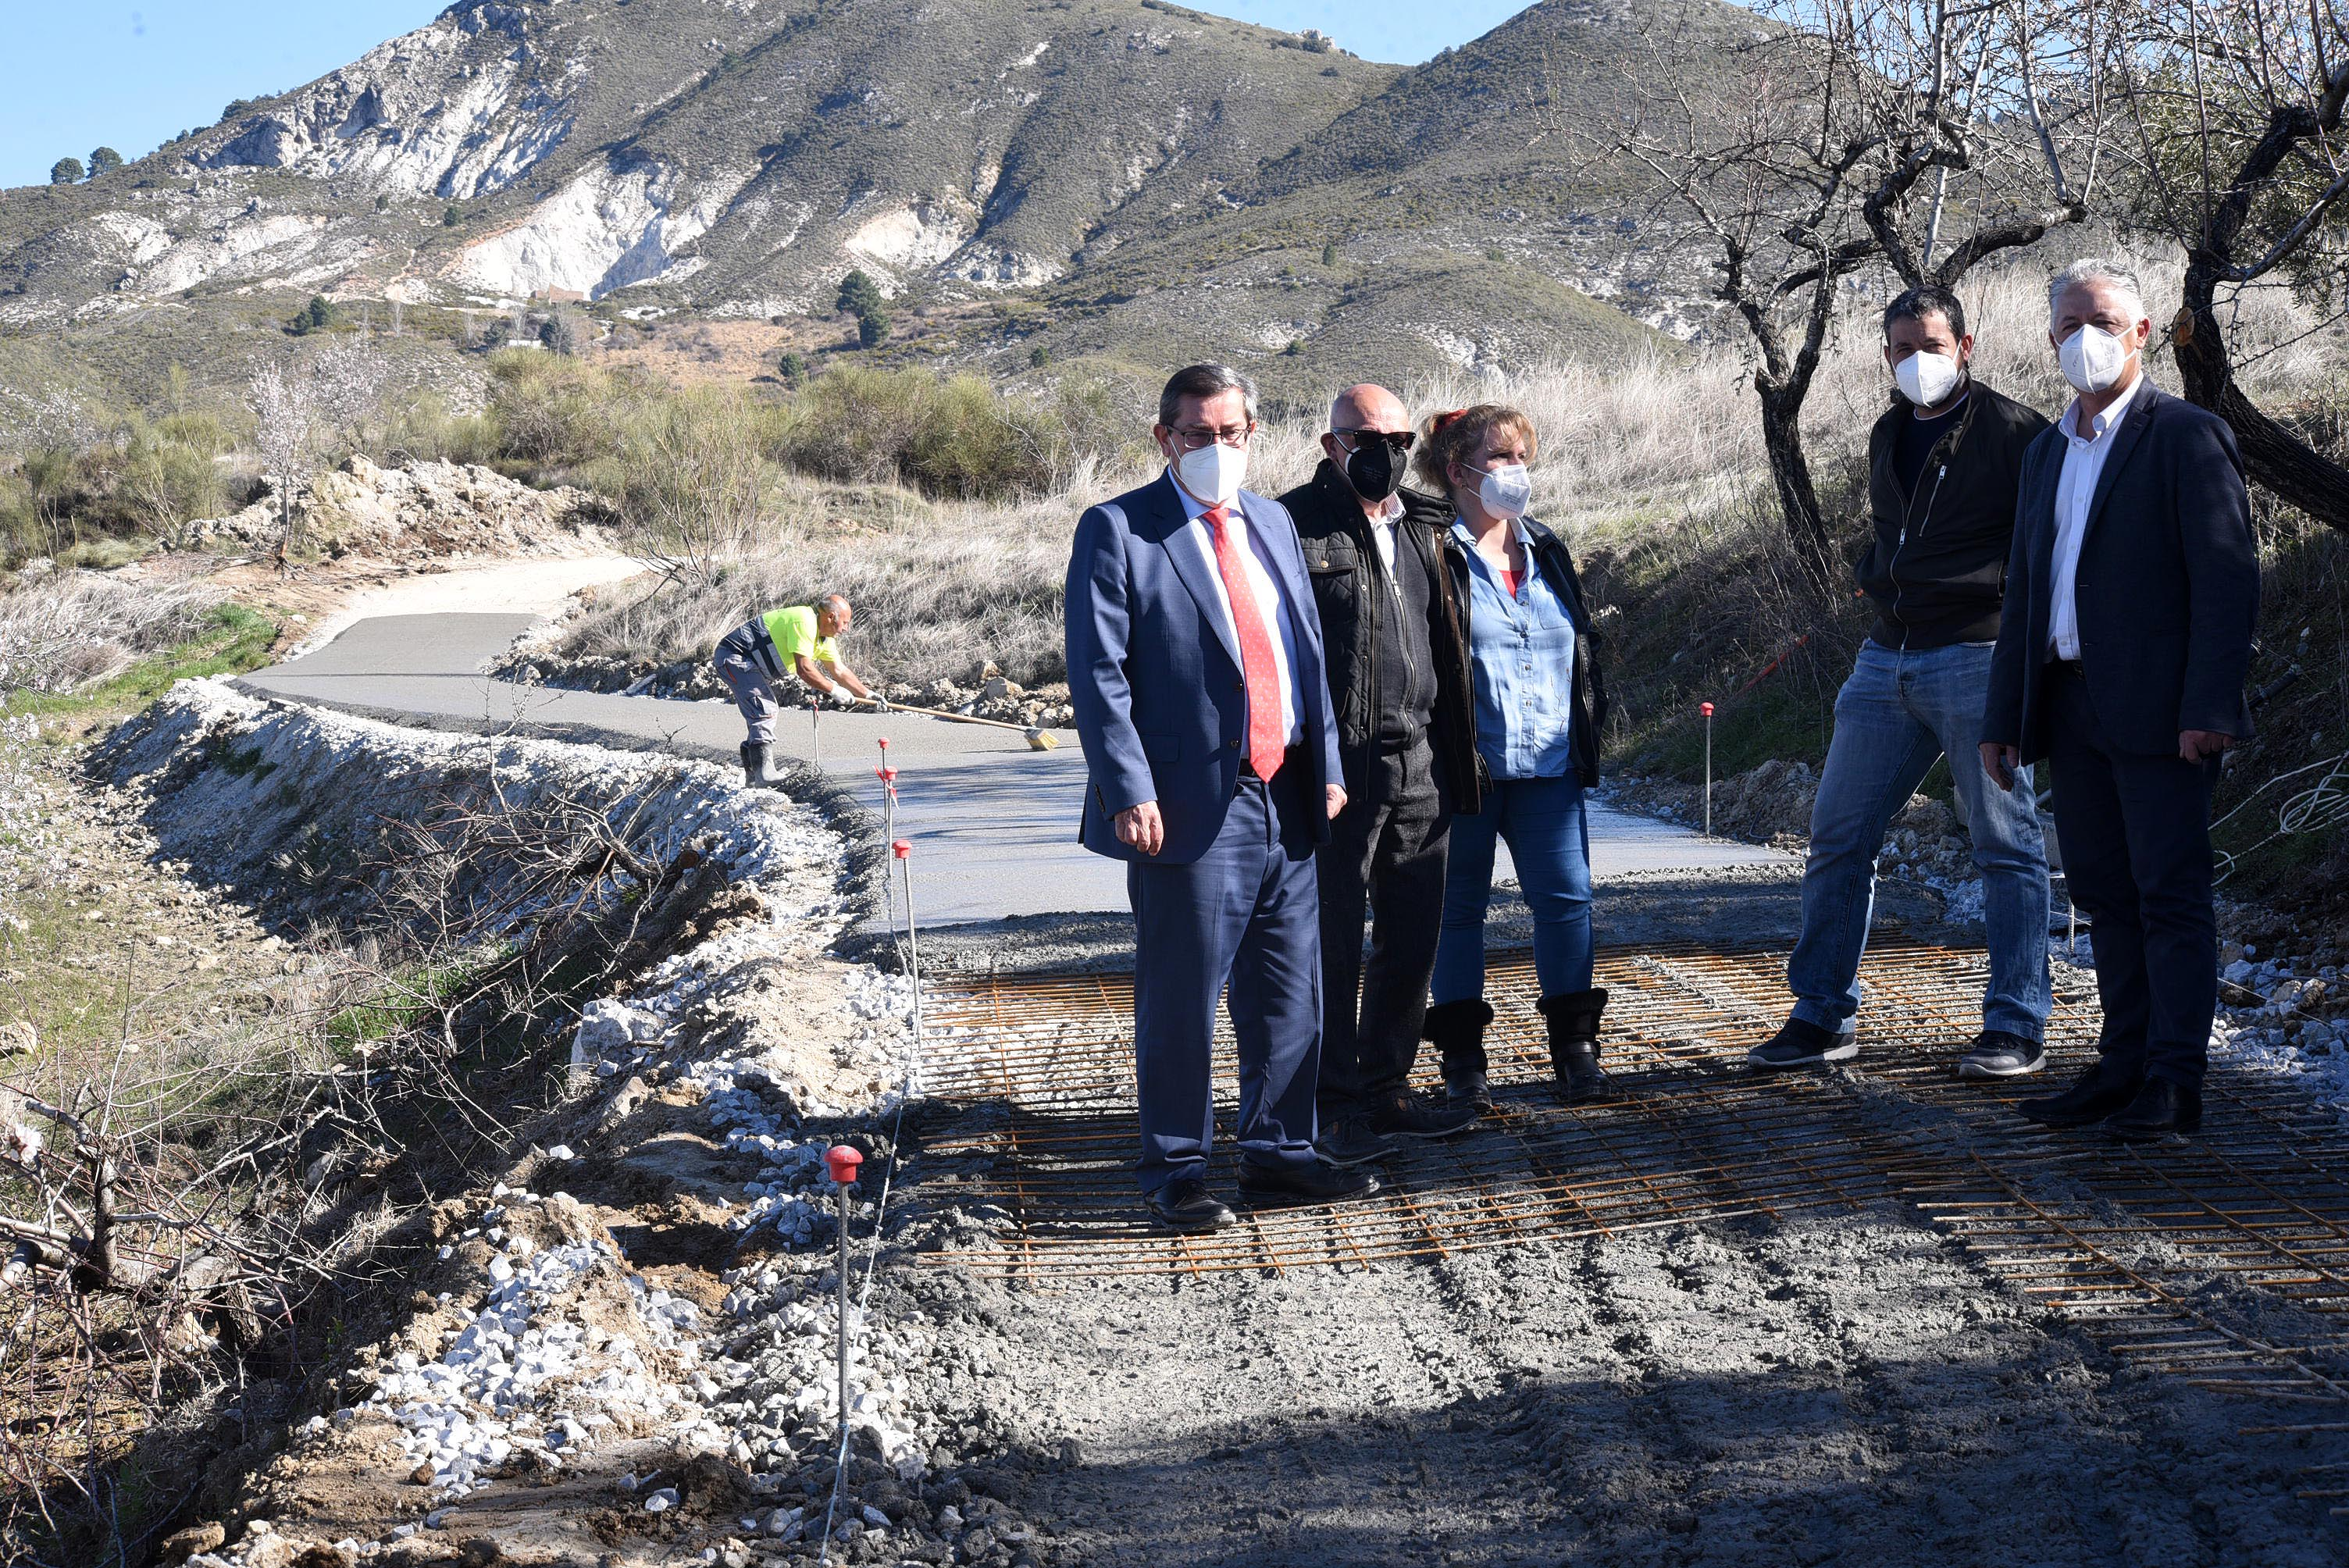 Invierten más de 550.000 euros en la mejora de infraestructuras y equipamientos en Beas de Granada